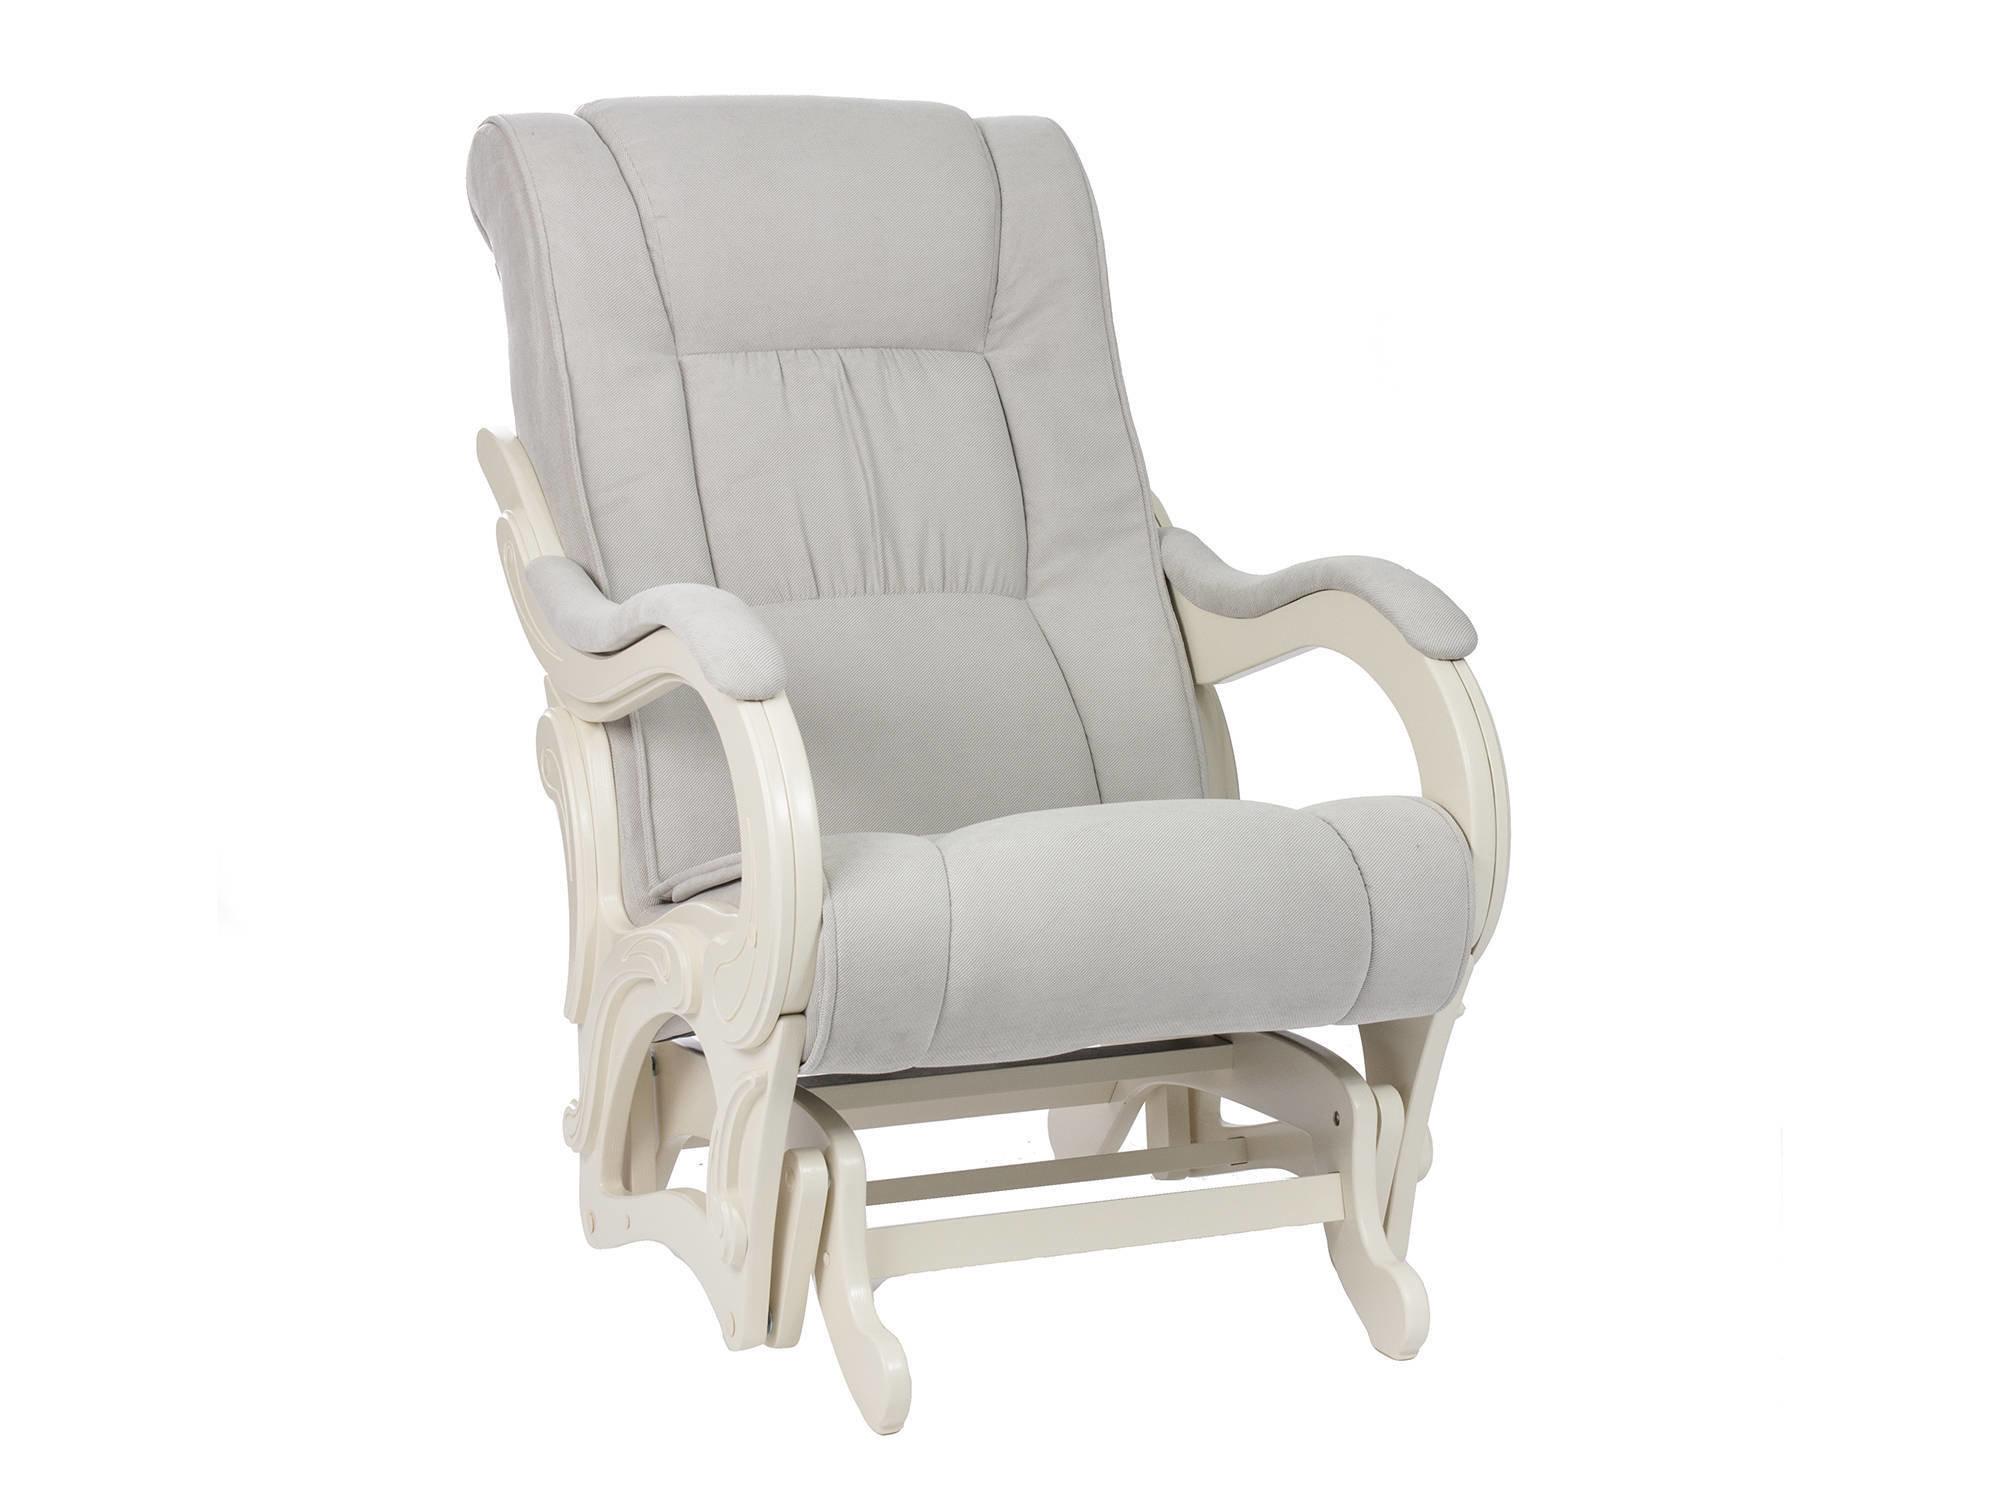 Маятниковое кресло качалка схема